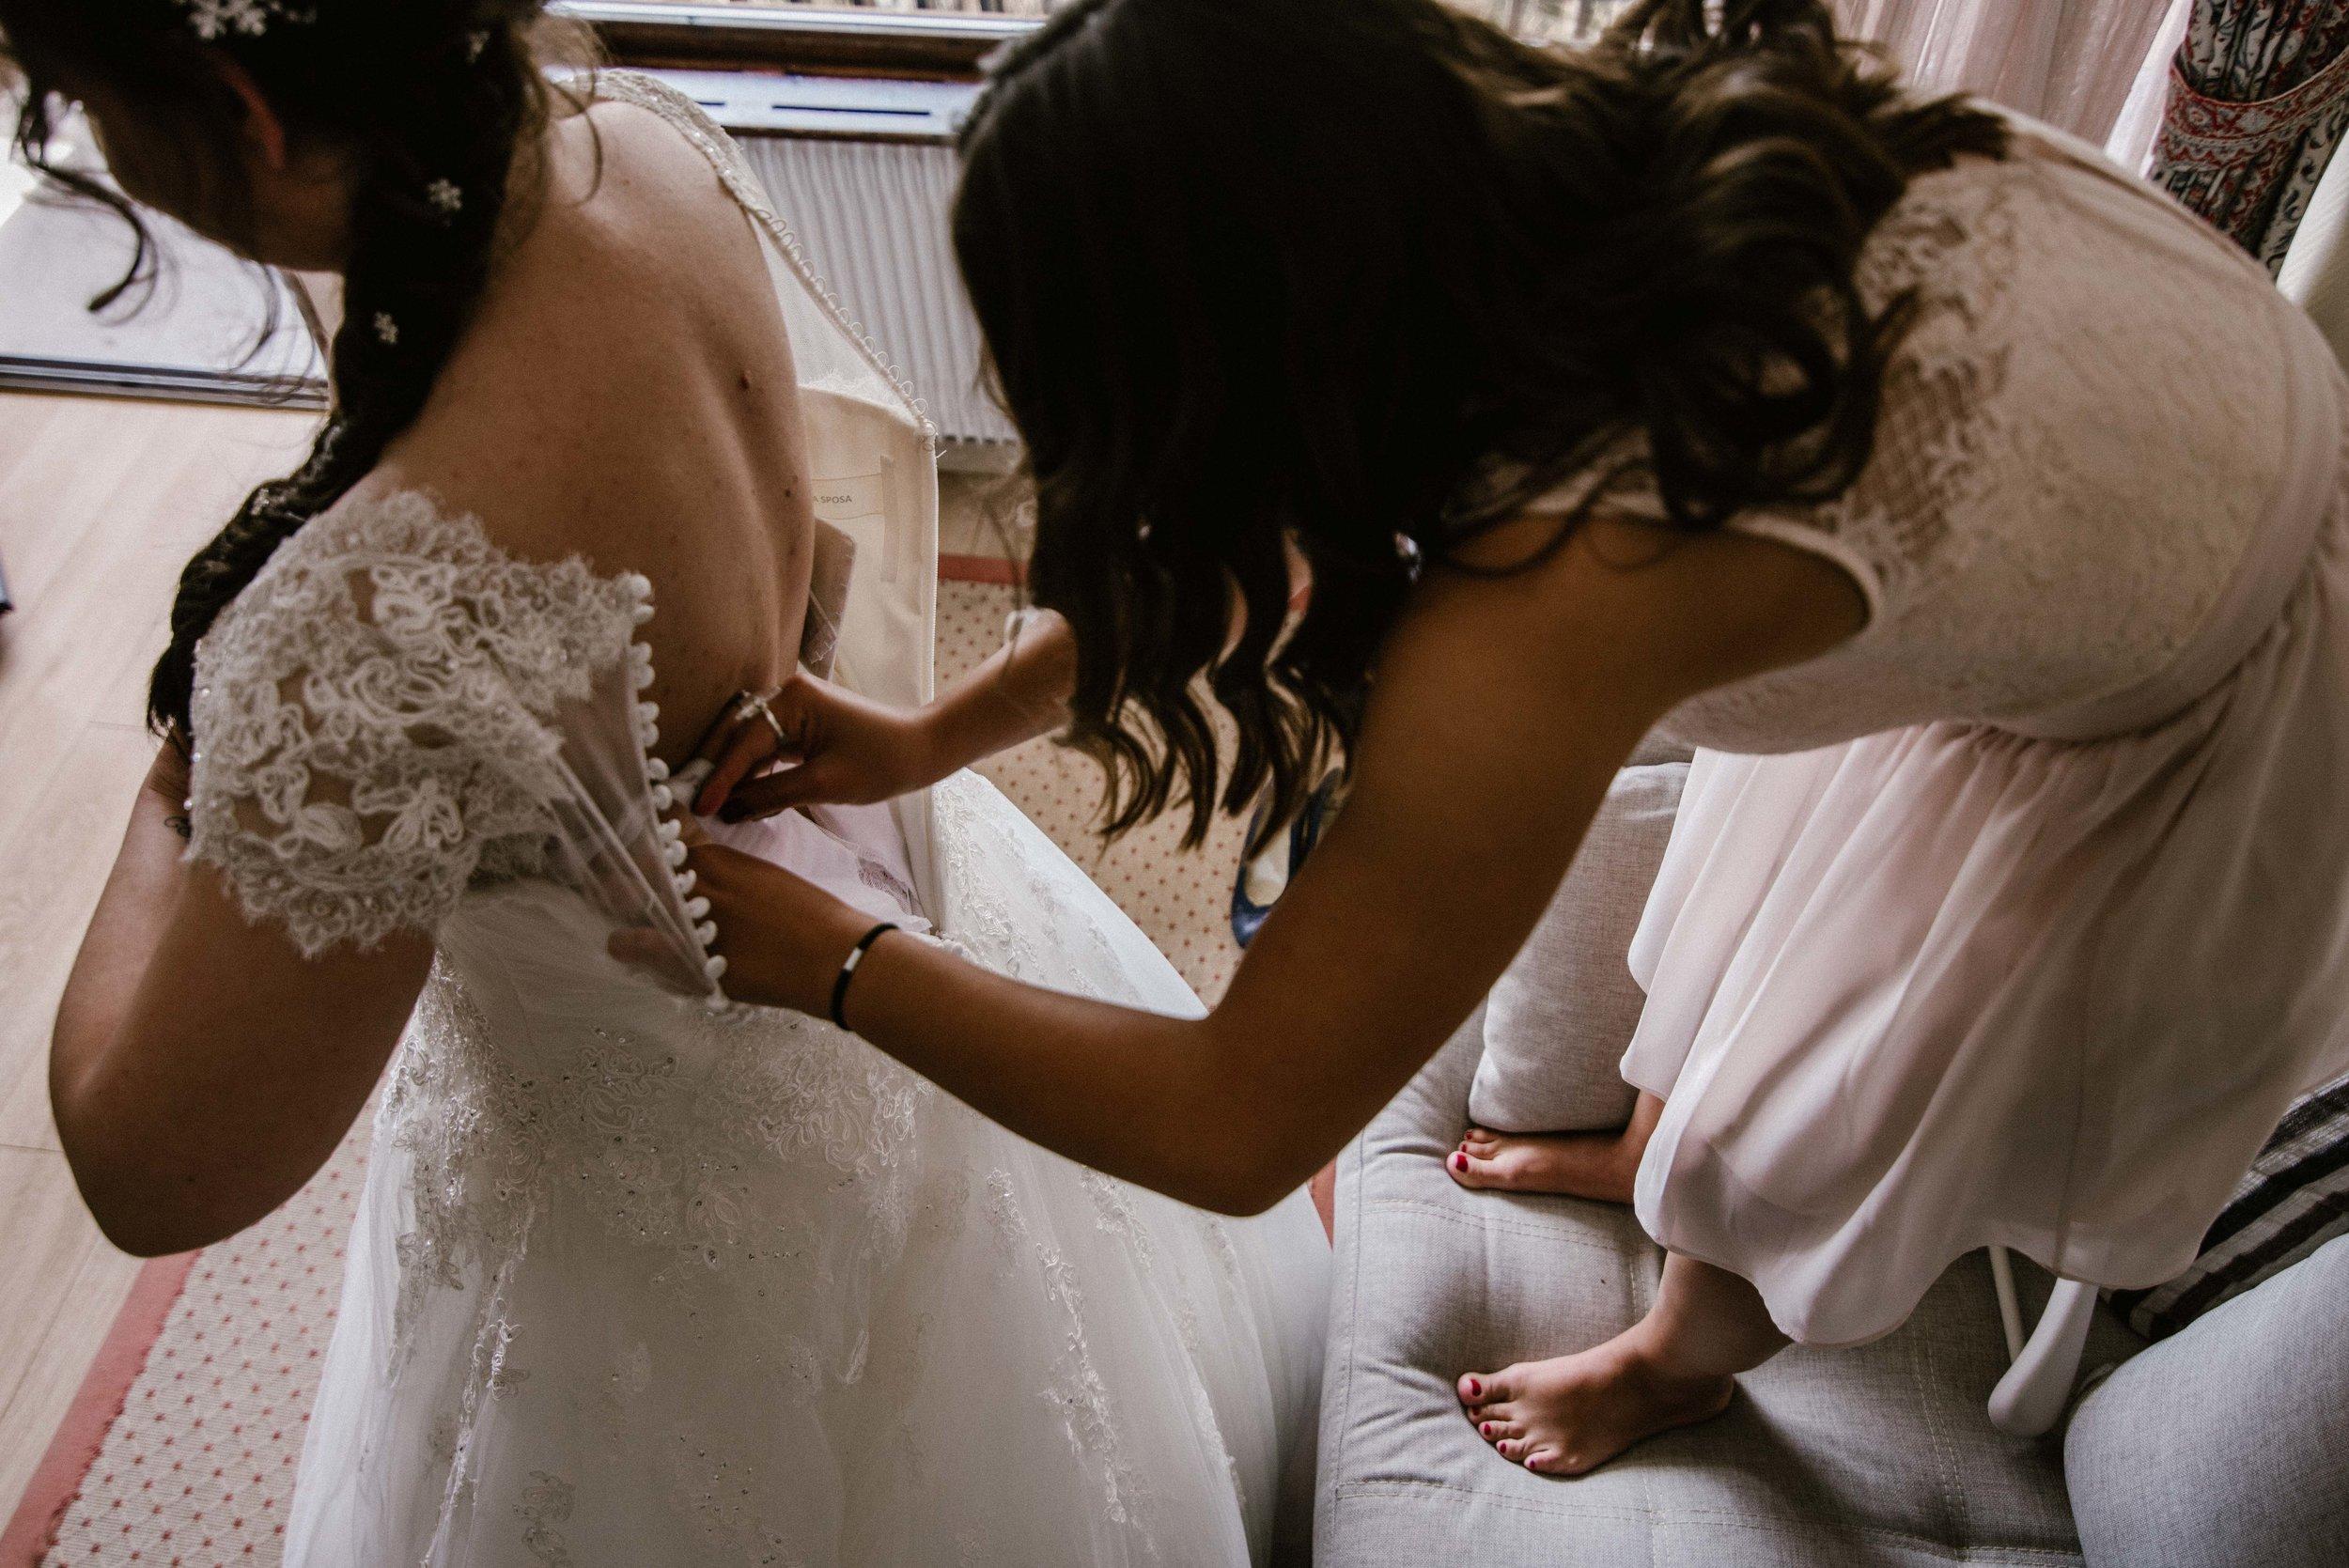 Léa-Fery-photographe-professionnel-lyon-rhone-alpes-portrait-mariage-couple-amour-lovesession-engagement-elopment-2080.jpg